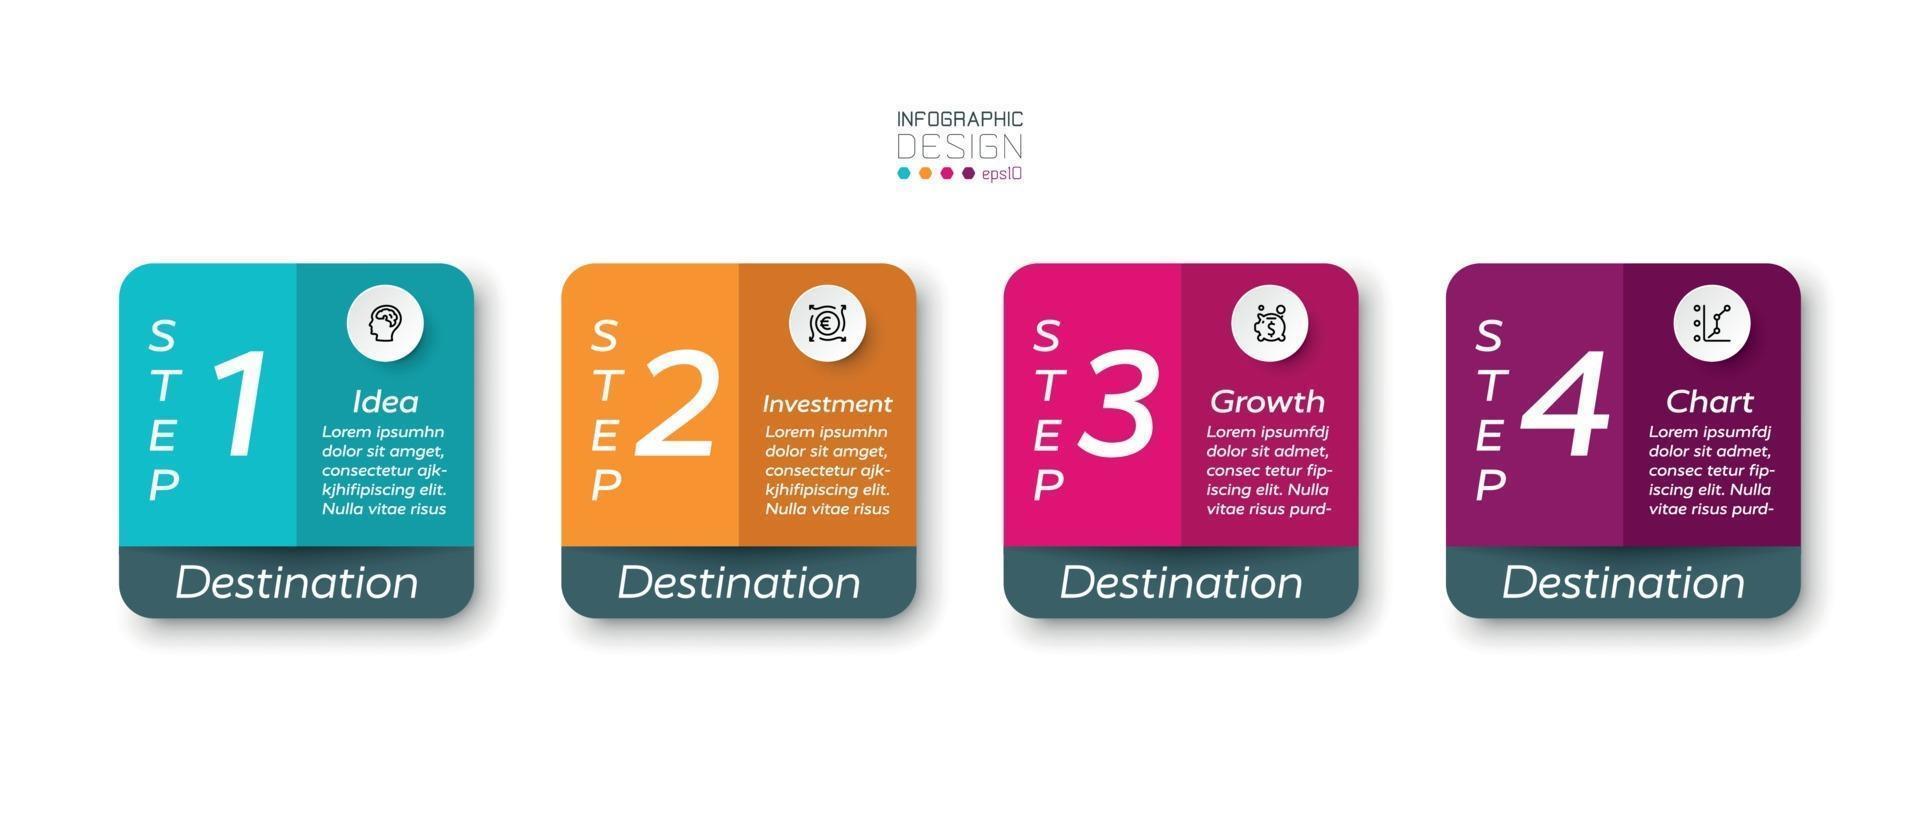 apresentação de quatro etapas da caixa quadrada colorida planejamento para marketing ou vários investimentos. projeto infográfico do vetor. vetor